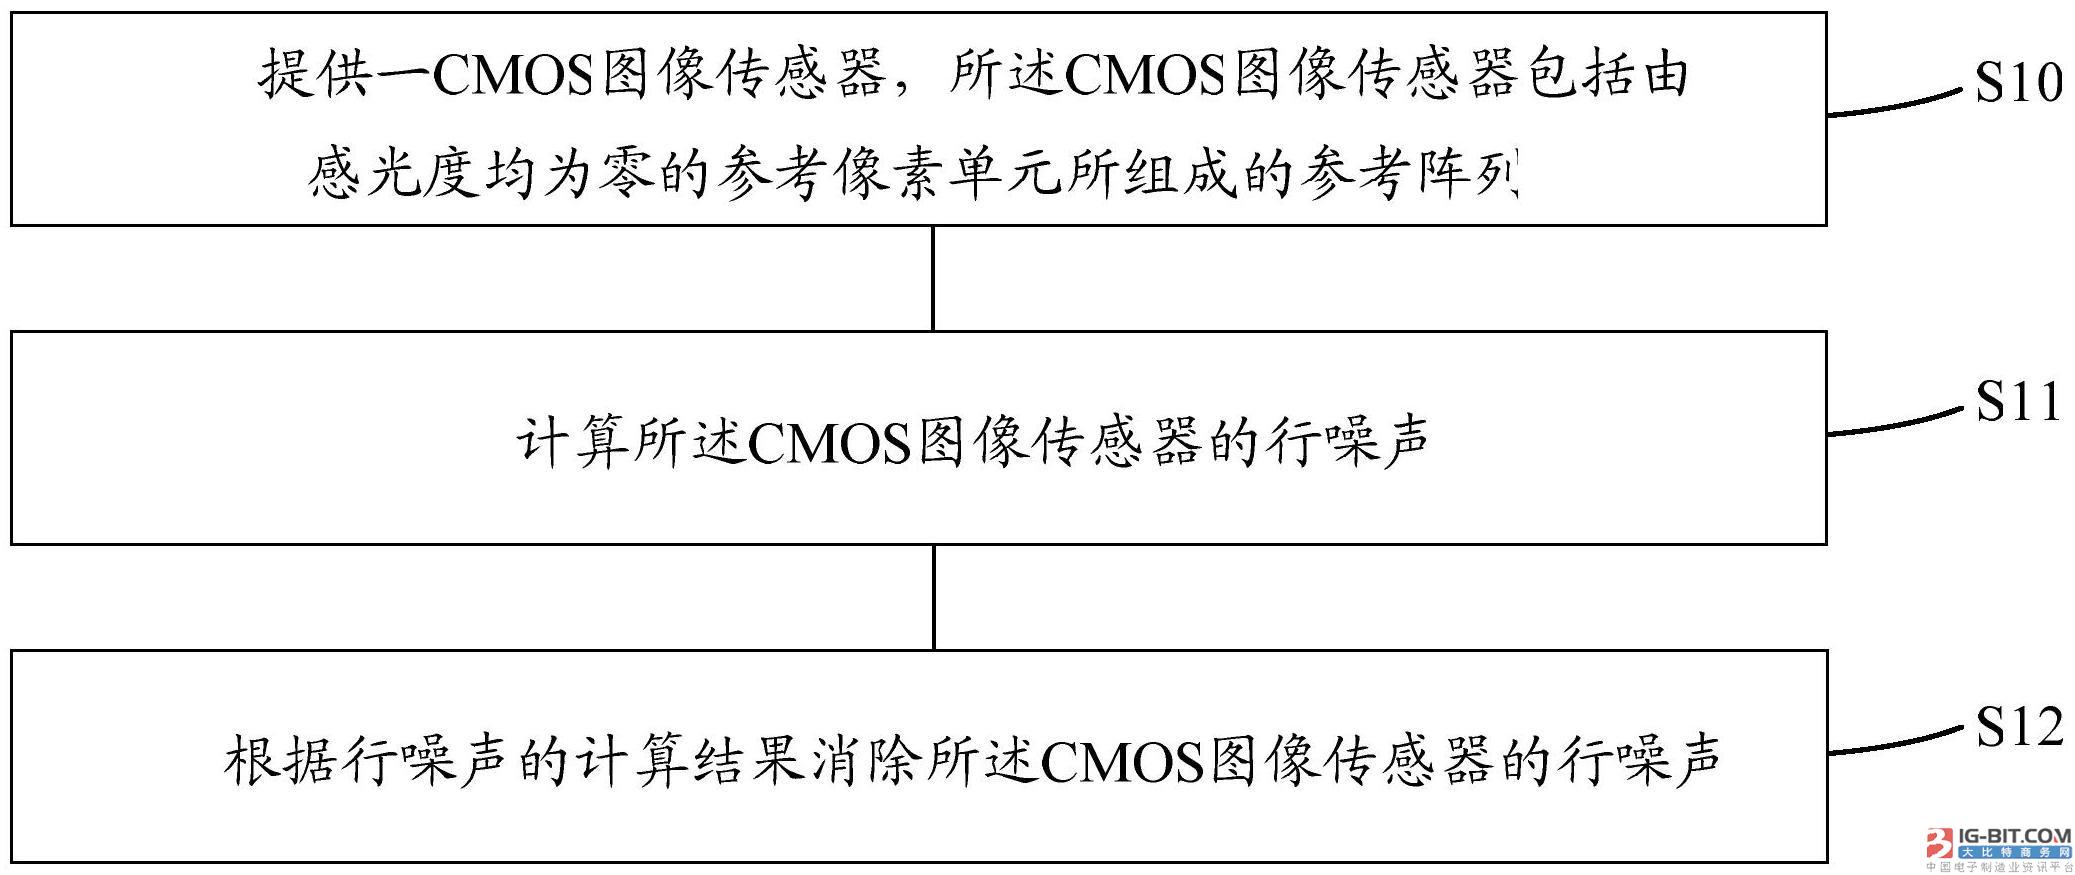 【仪表专利】CMOS图像传感器及噪声校正方法